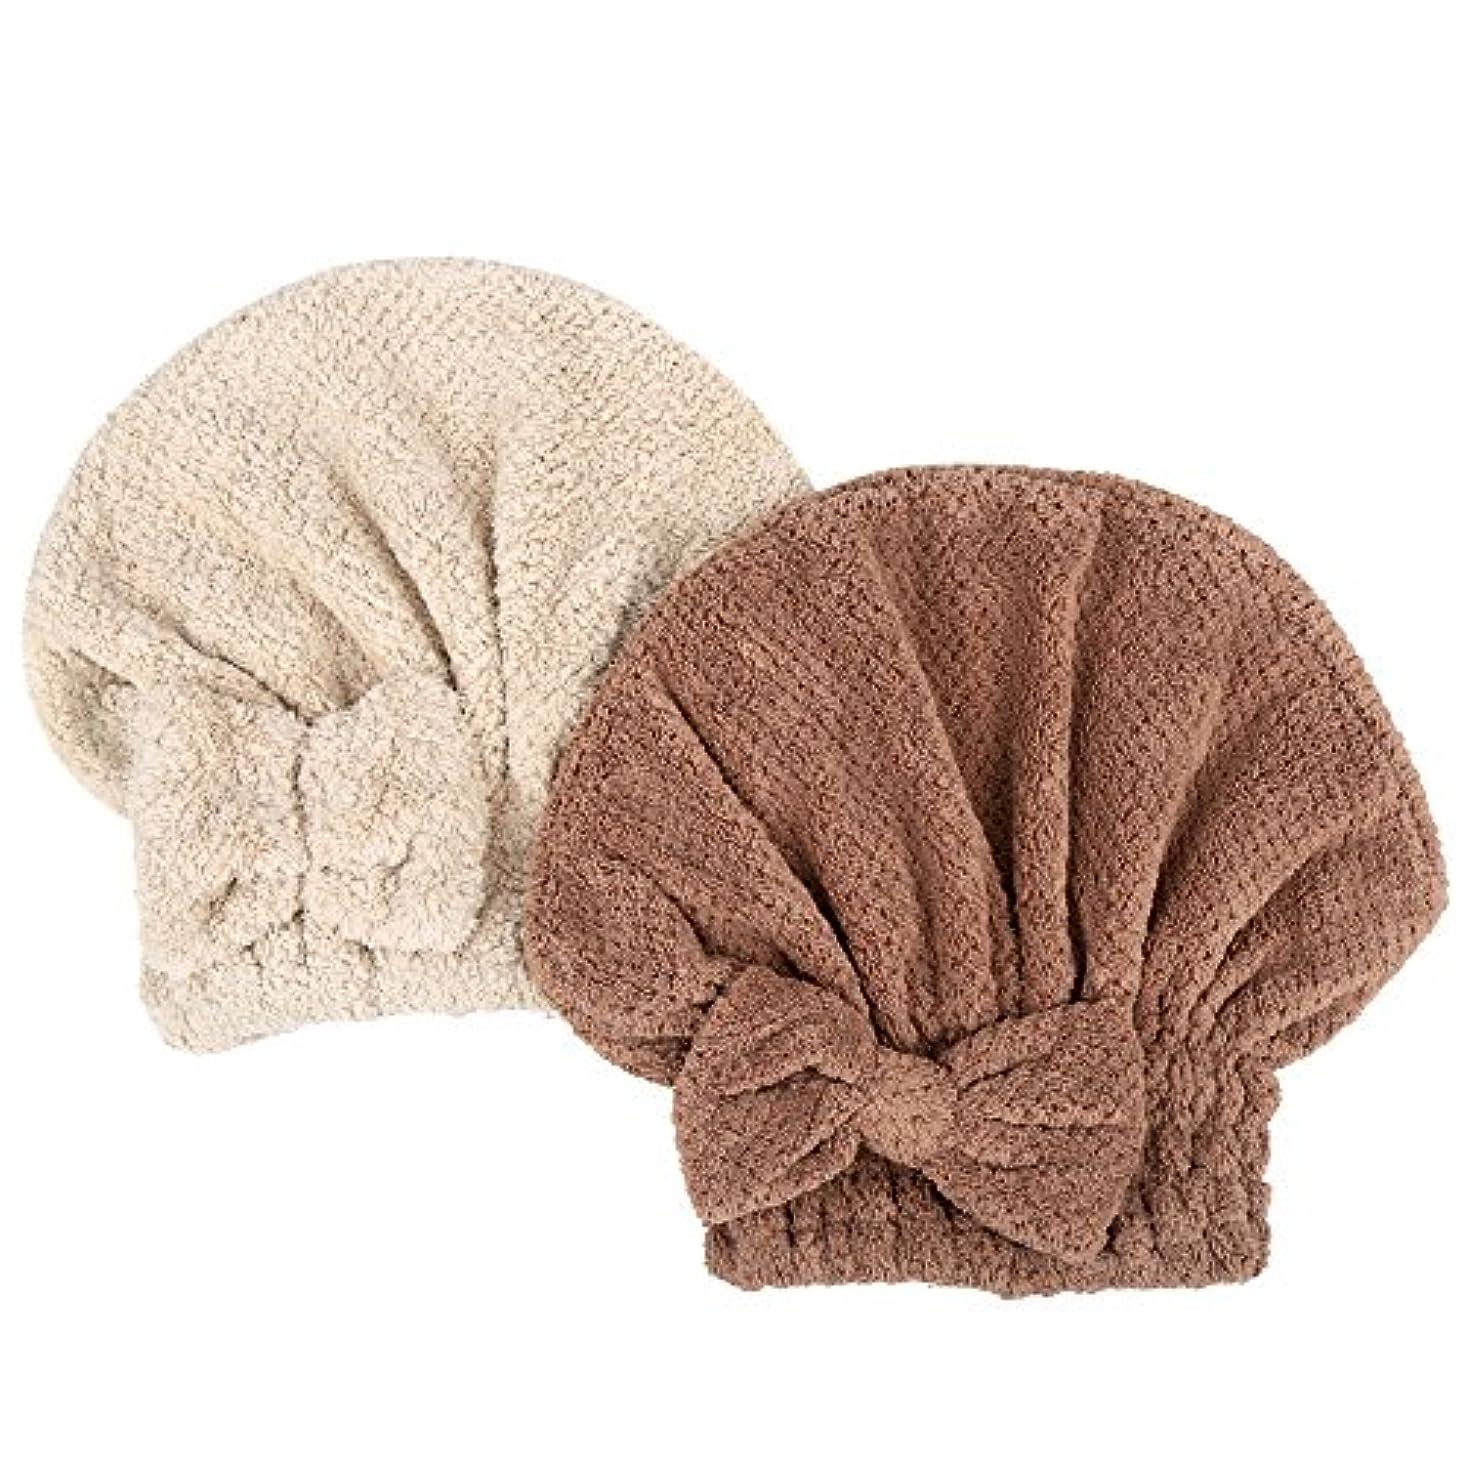 咽頭北極圏成功したKISENG タオルキャップ 2枚セット ヘアドライタオル 短髪の人向き ヘアキャップ 吸水タオル 速乾 ふわふわ お風呂 バス用品 (ベージュ+コーヒー)